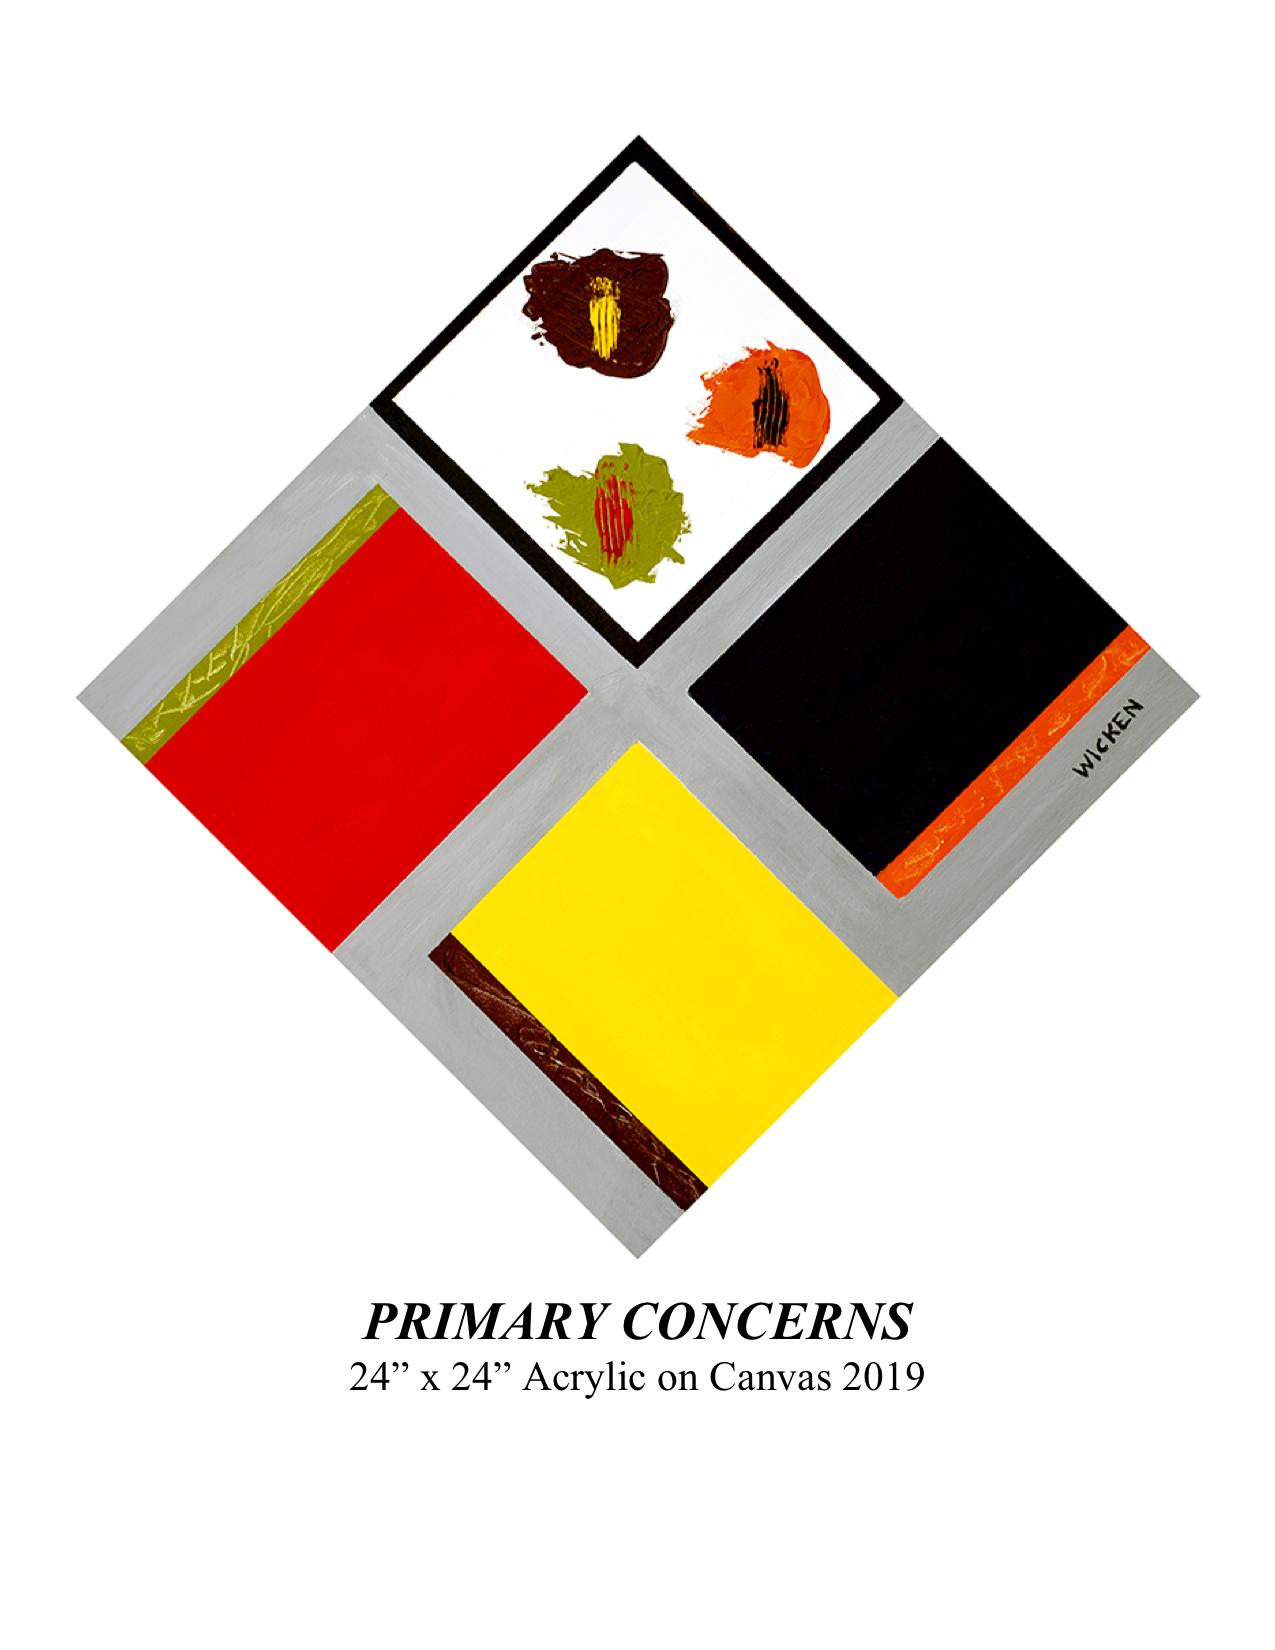 PRIMARY CONCERNS 0015,jpg.jpg